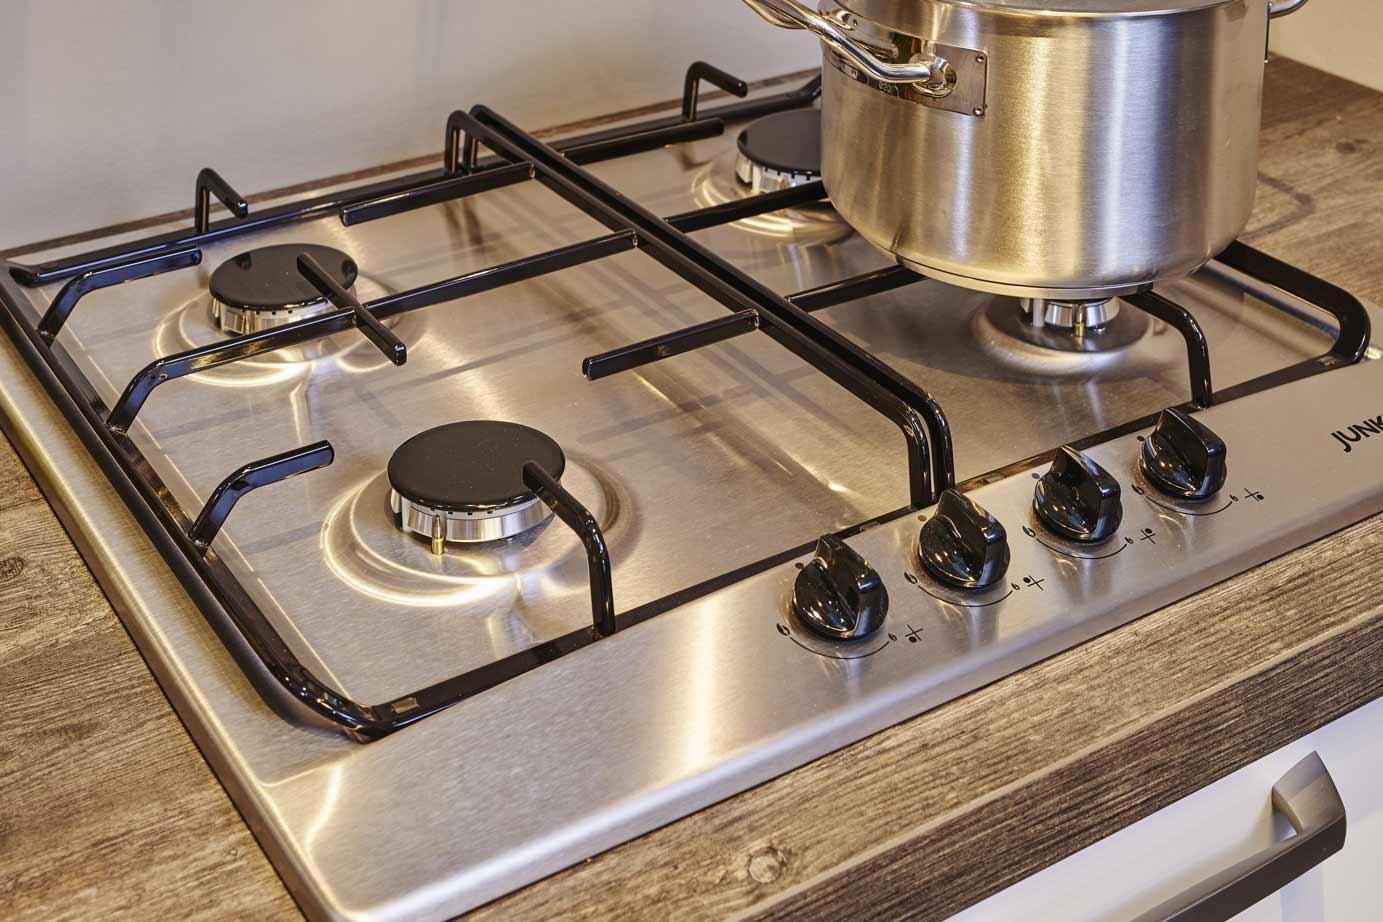 Goedkope Rechte Keukens : Goedkope keukens kopen voorkom miskoop db keukens